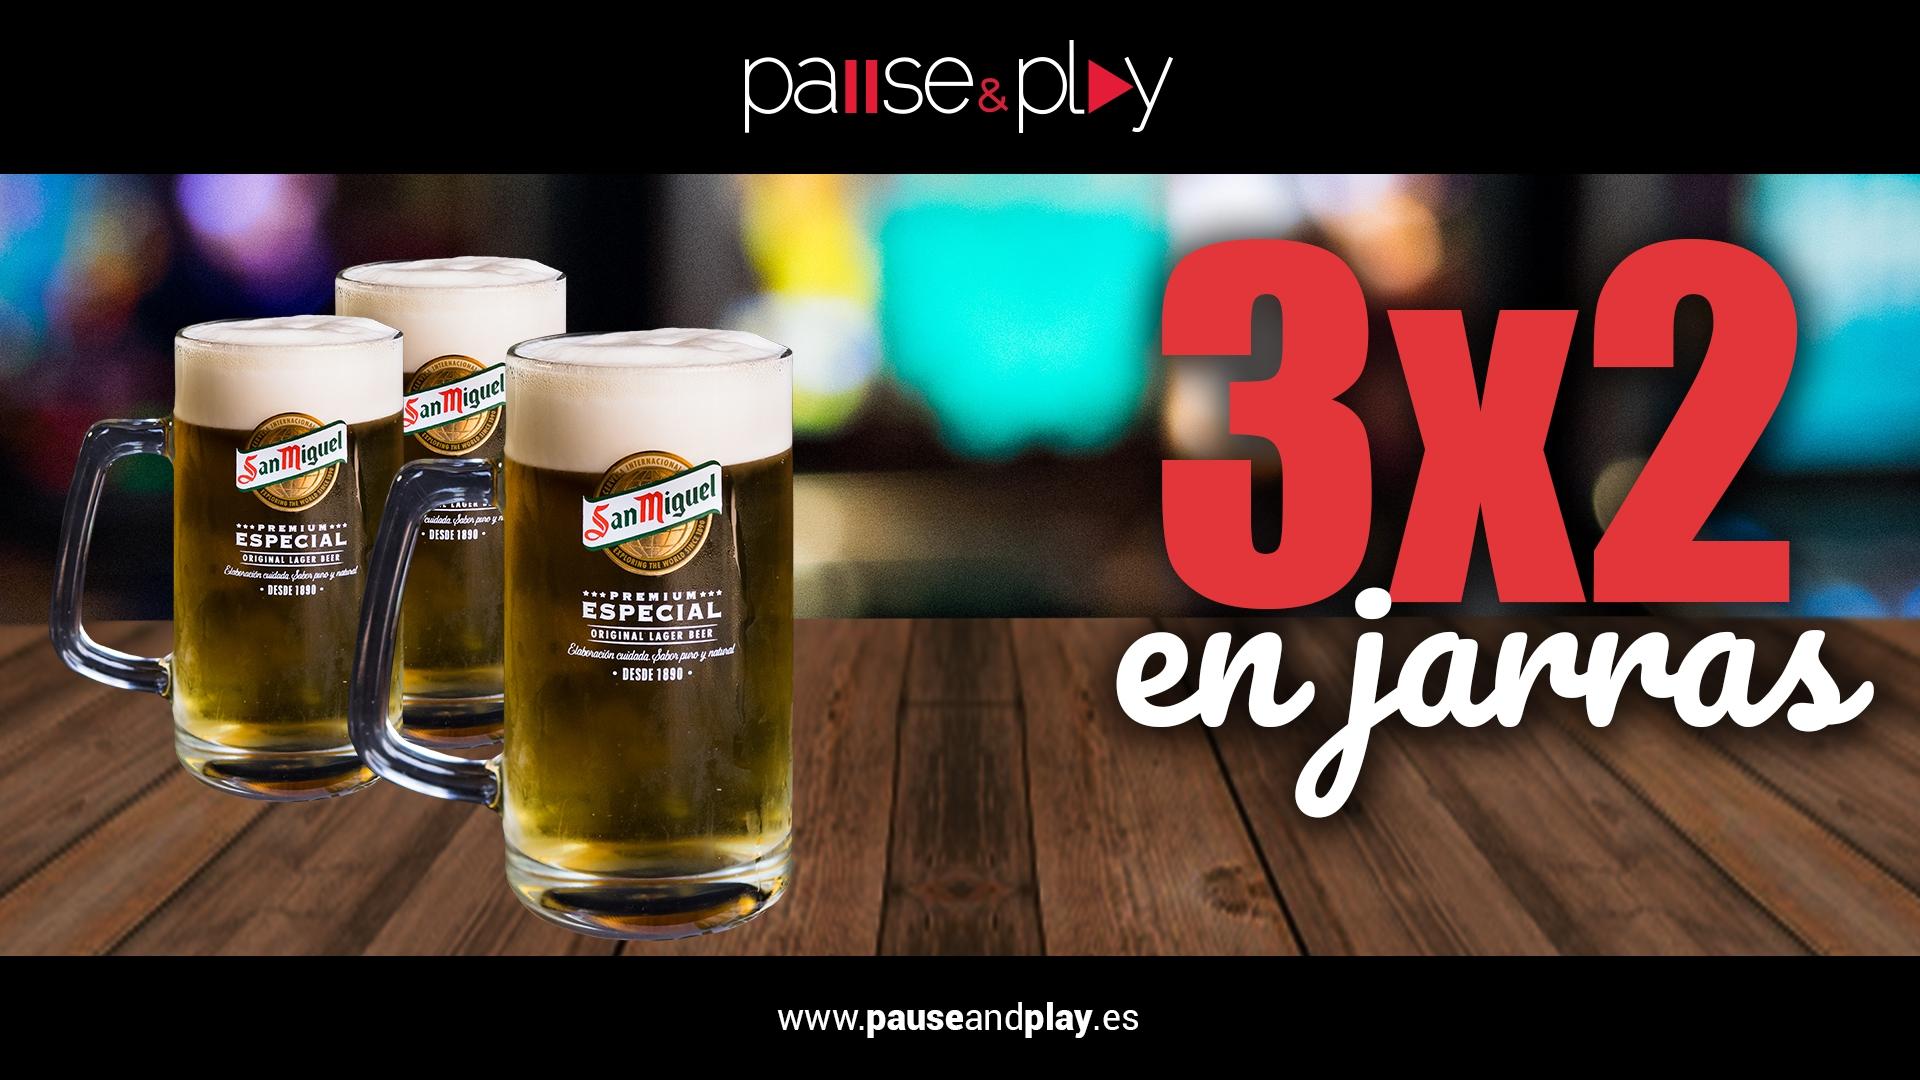 Ofertas Pause&Play, Centro Comercial la Verónica